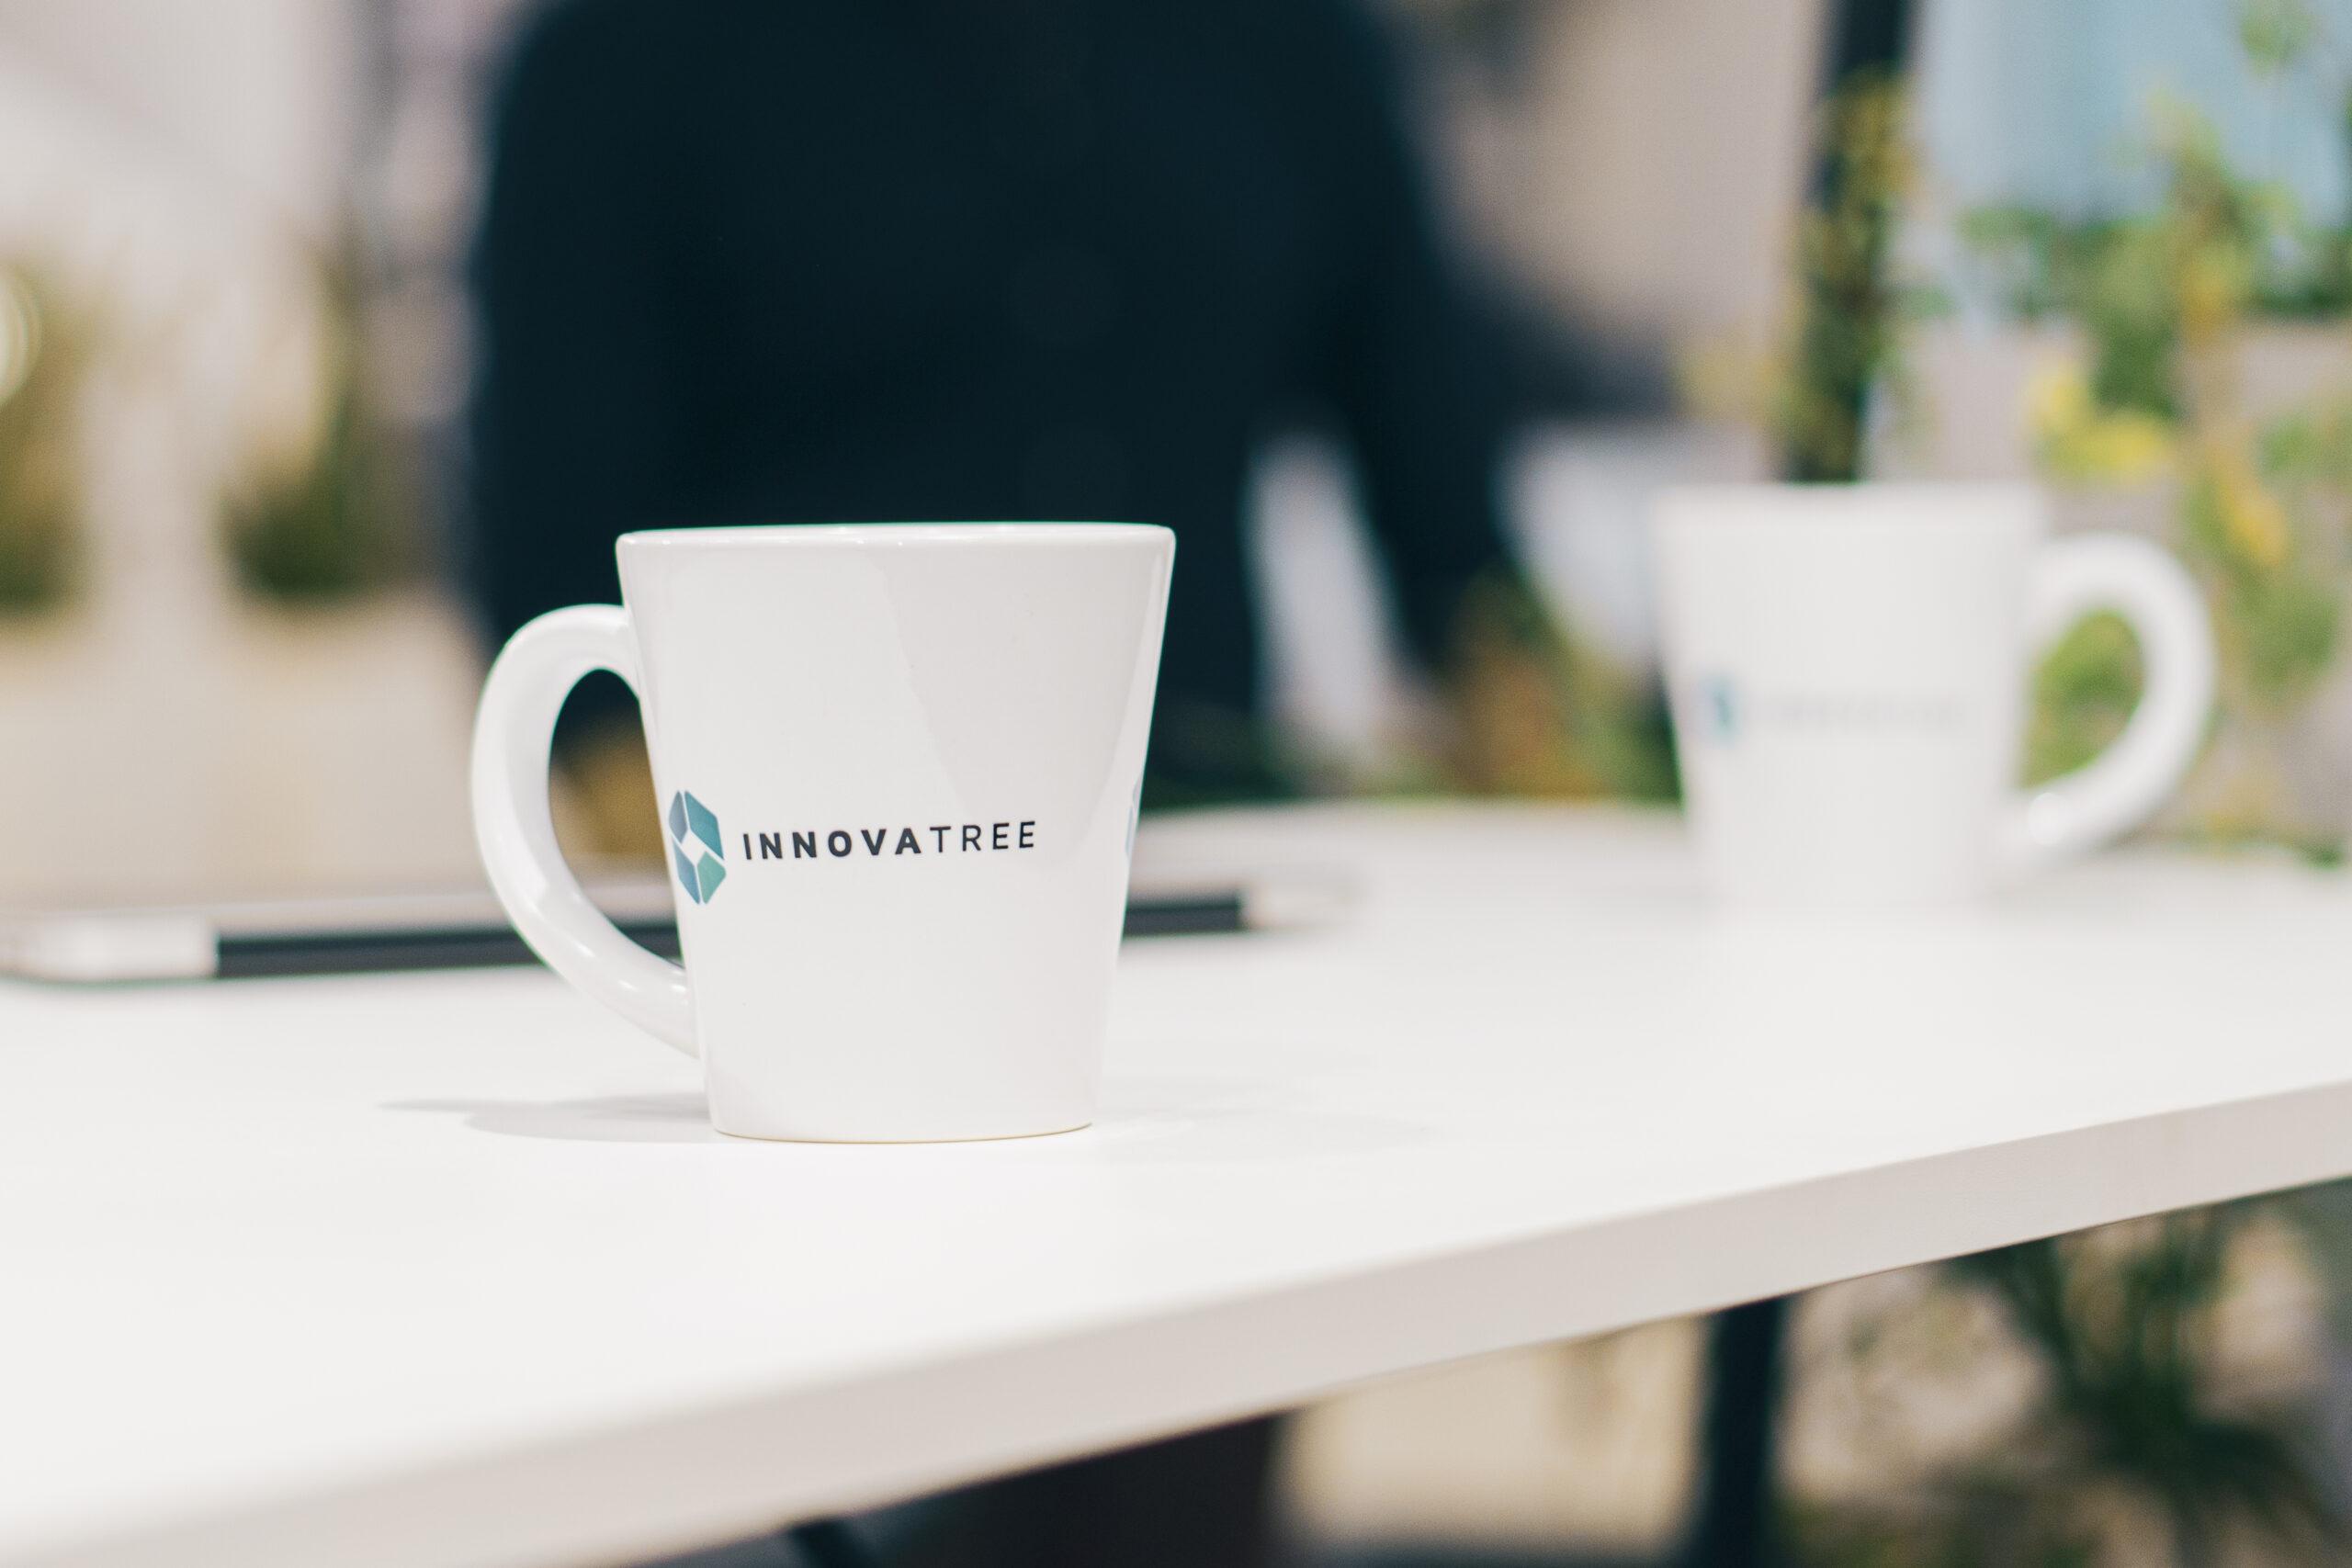 biały kubek z logo innovatree